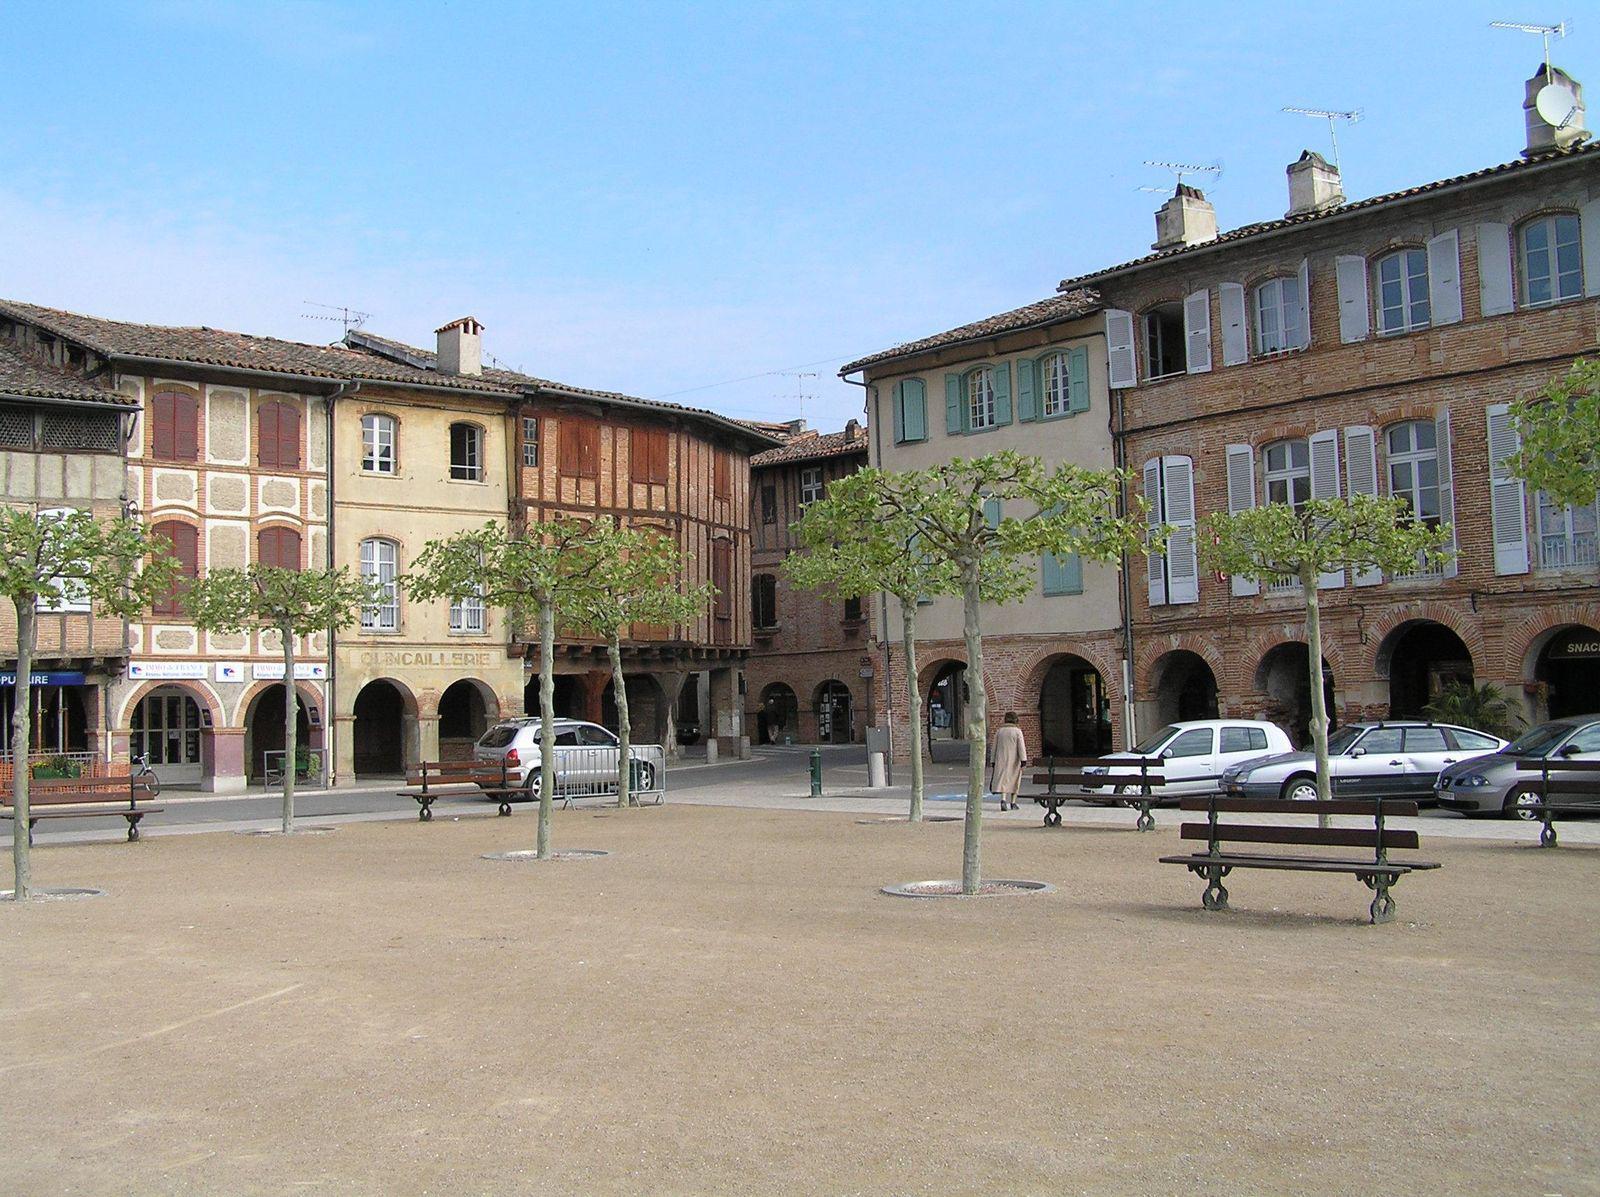 Lisle-sur-Tarn (1)